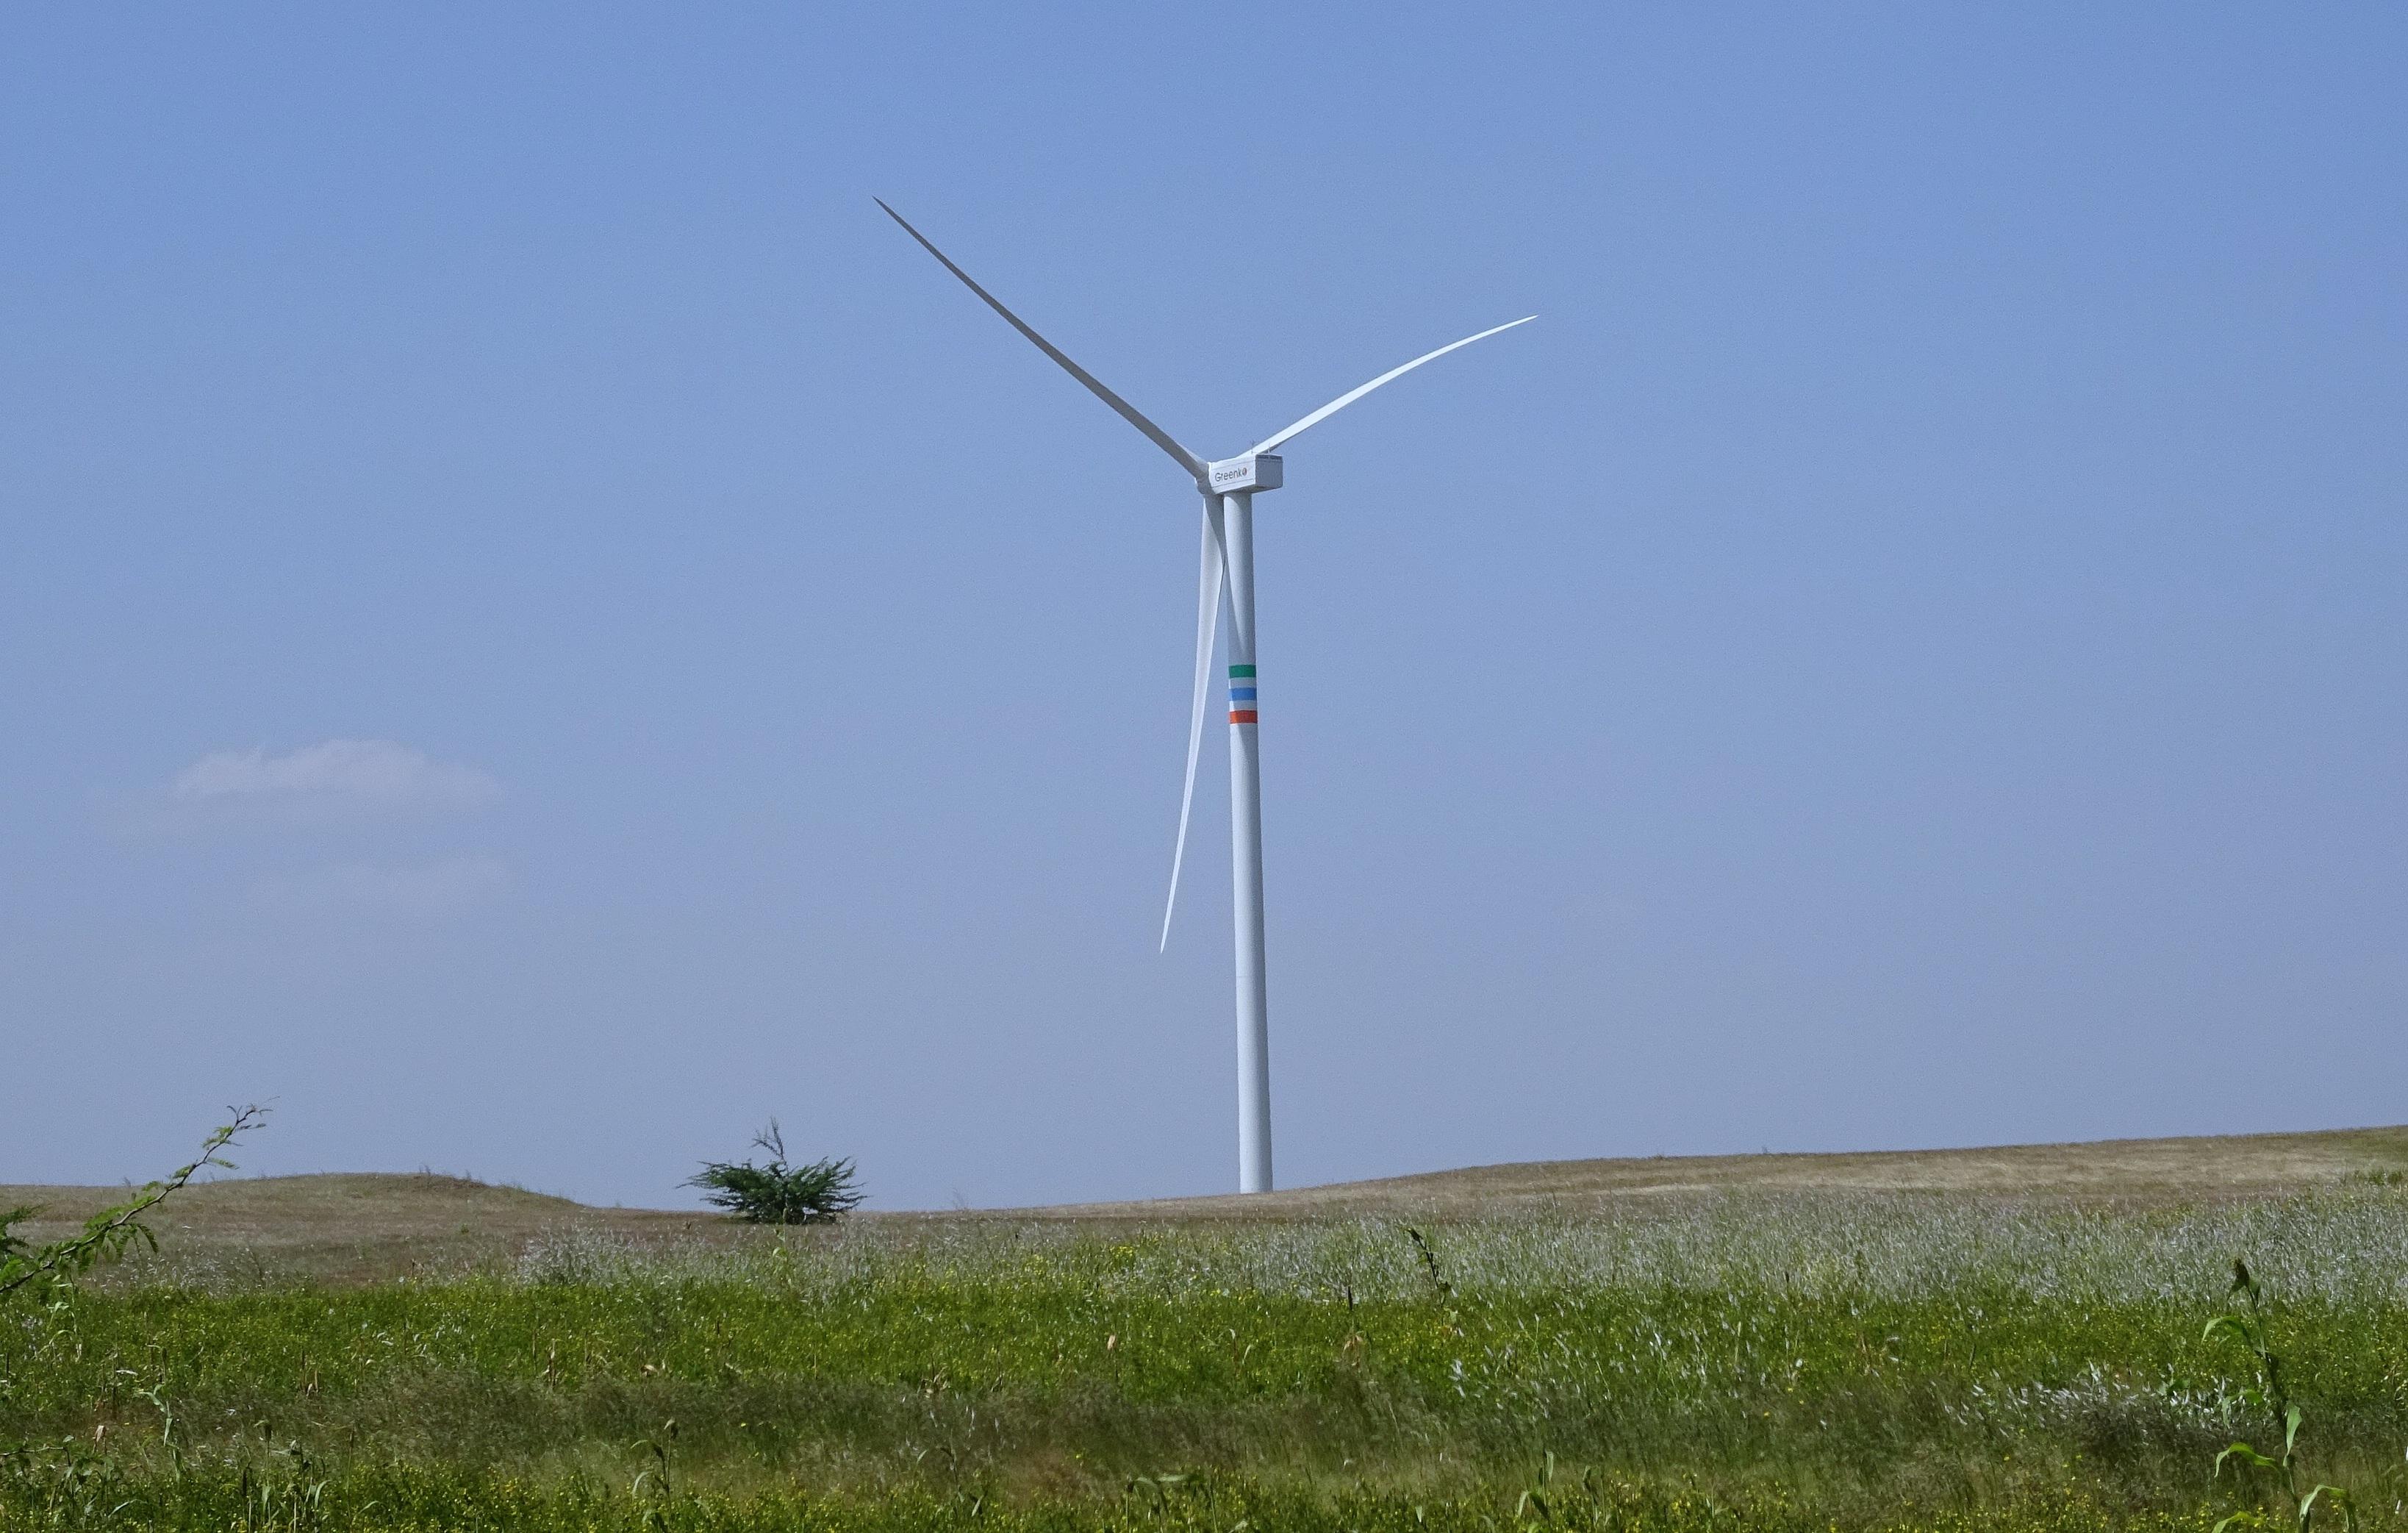 Free prairie windmill machine wind turbine plain